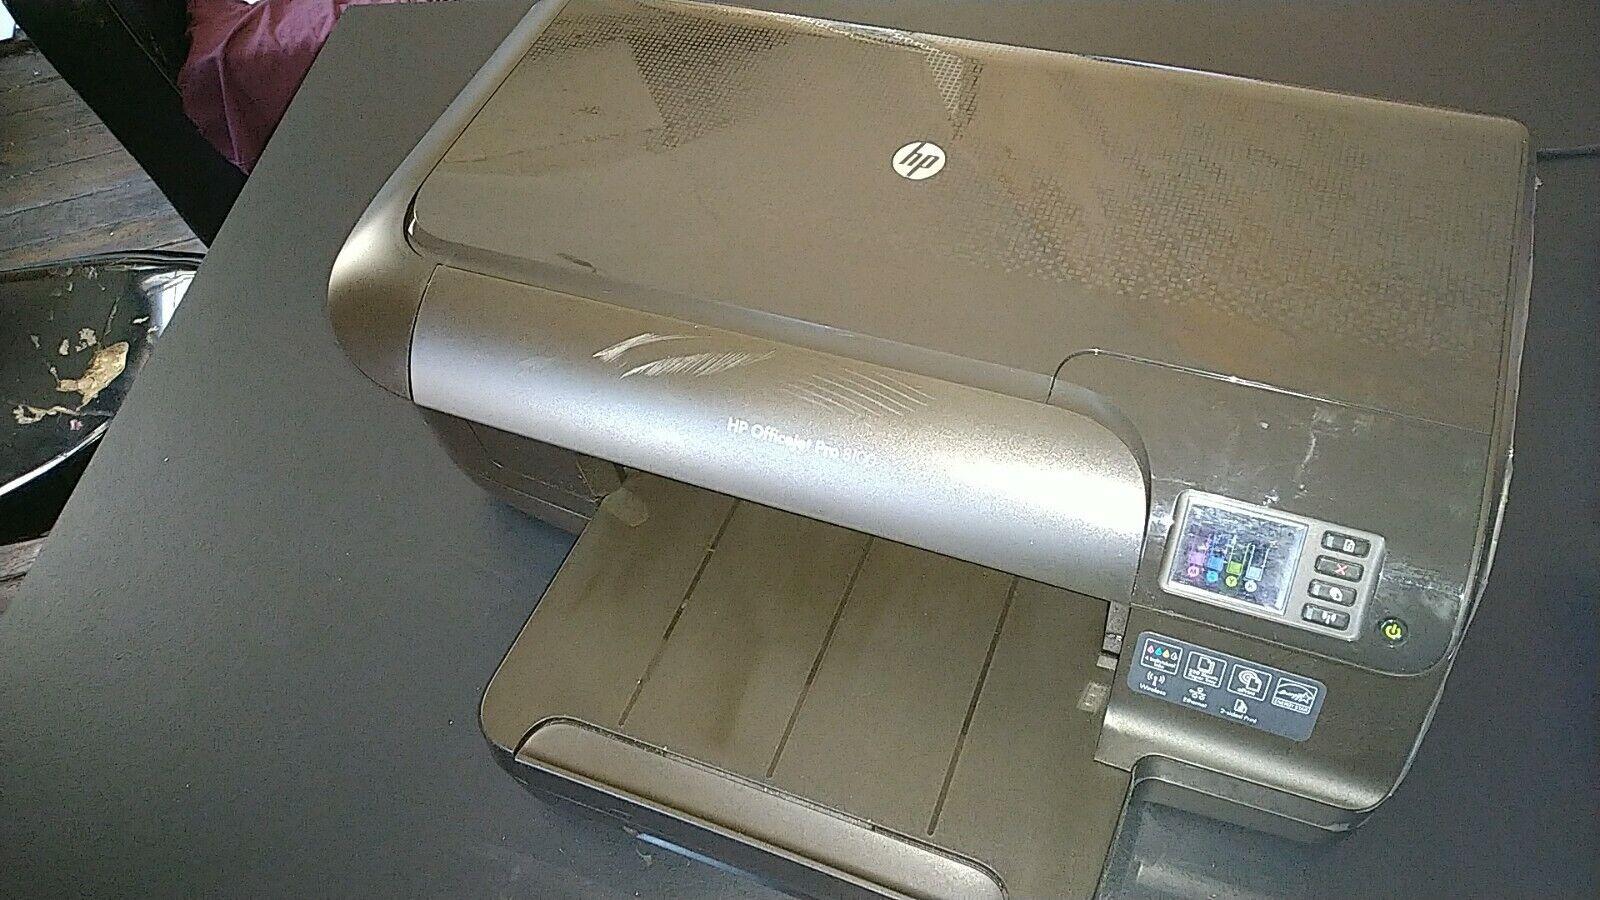 Imprimante hp officejet pro 8100 - tbe